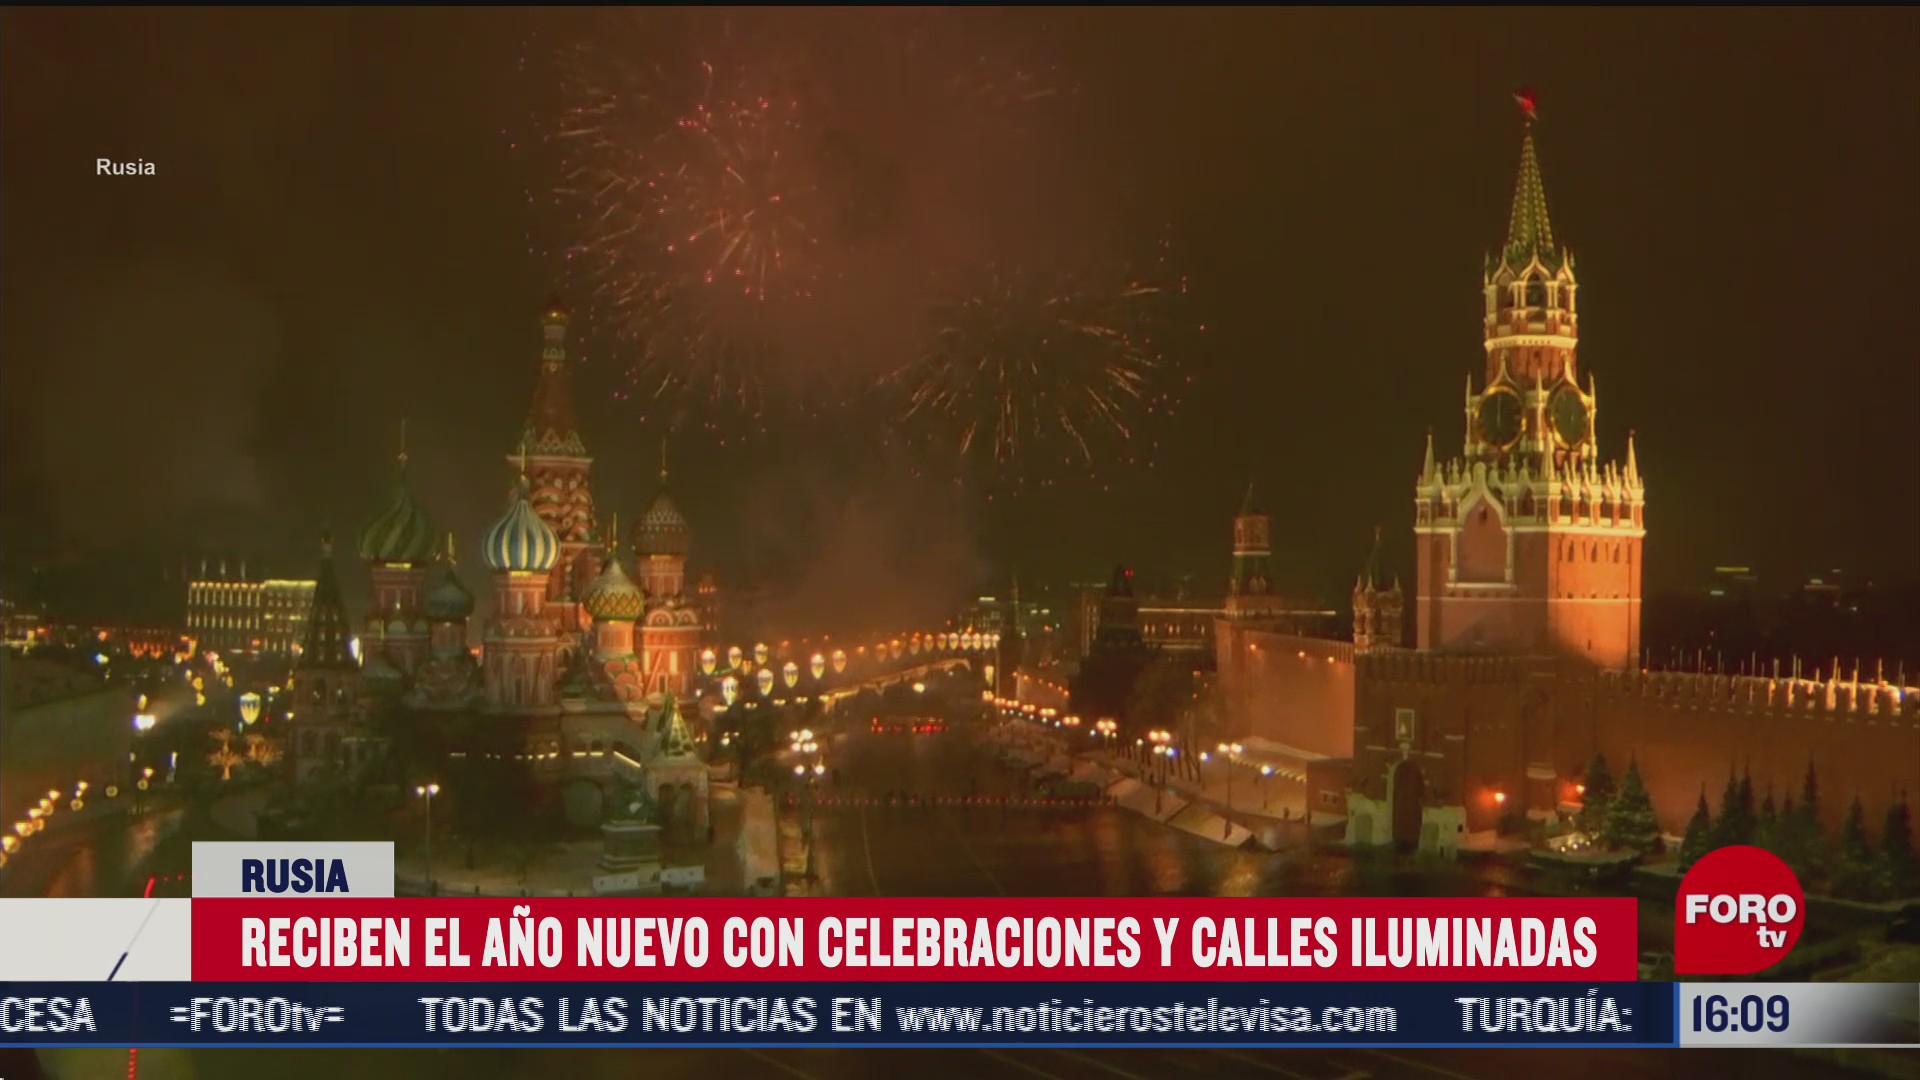 año nuevo en moscu pese a restricciones del gobierno por COVID